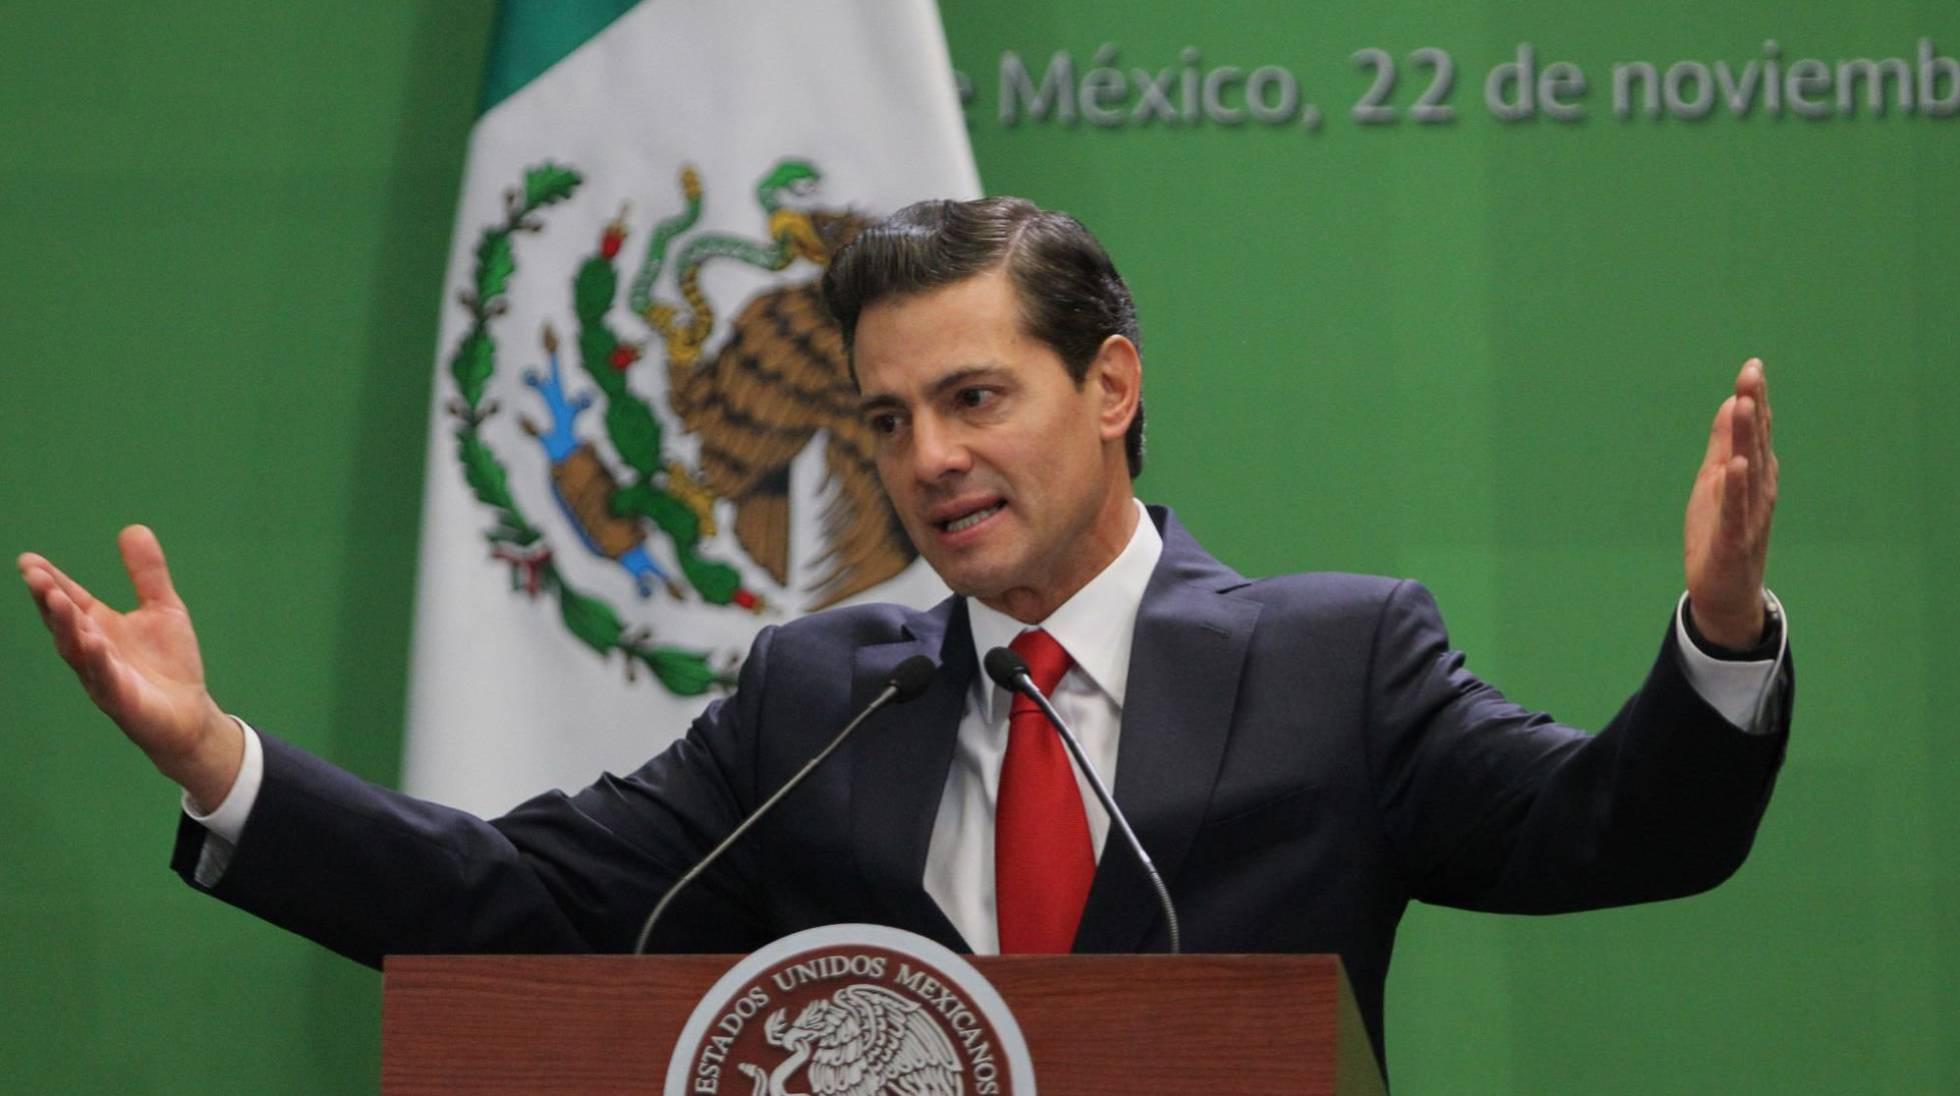 México cae tres posiciones en el índice global de corrupción en el último año de Peña Nieto